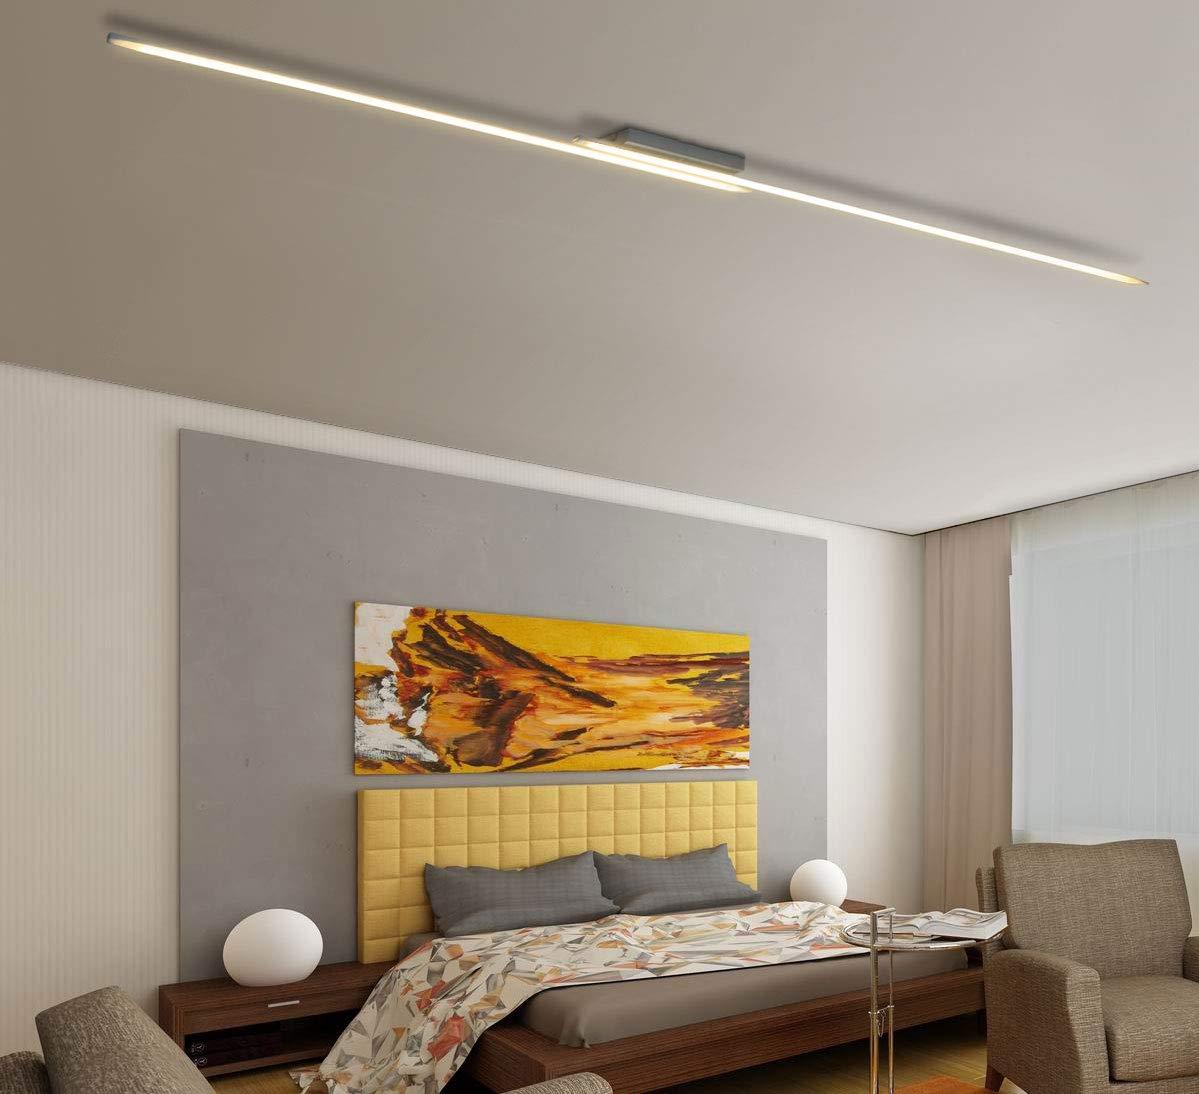 Full Size of Deckenleuchte Led Wohnzimmer Dimmbar Obi Amazon Einbau Deckenleuchten Bilder Wohnzimmerlampe Poco Xxl Design Deckenlampe Stbe Lampe Gardinen Für Modern Wohnzimmer Deckenleuchte Led Wohnzimmer